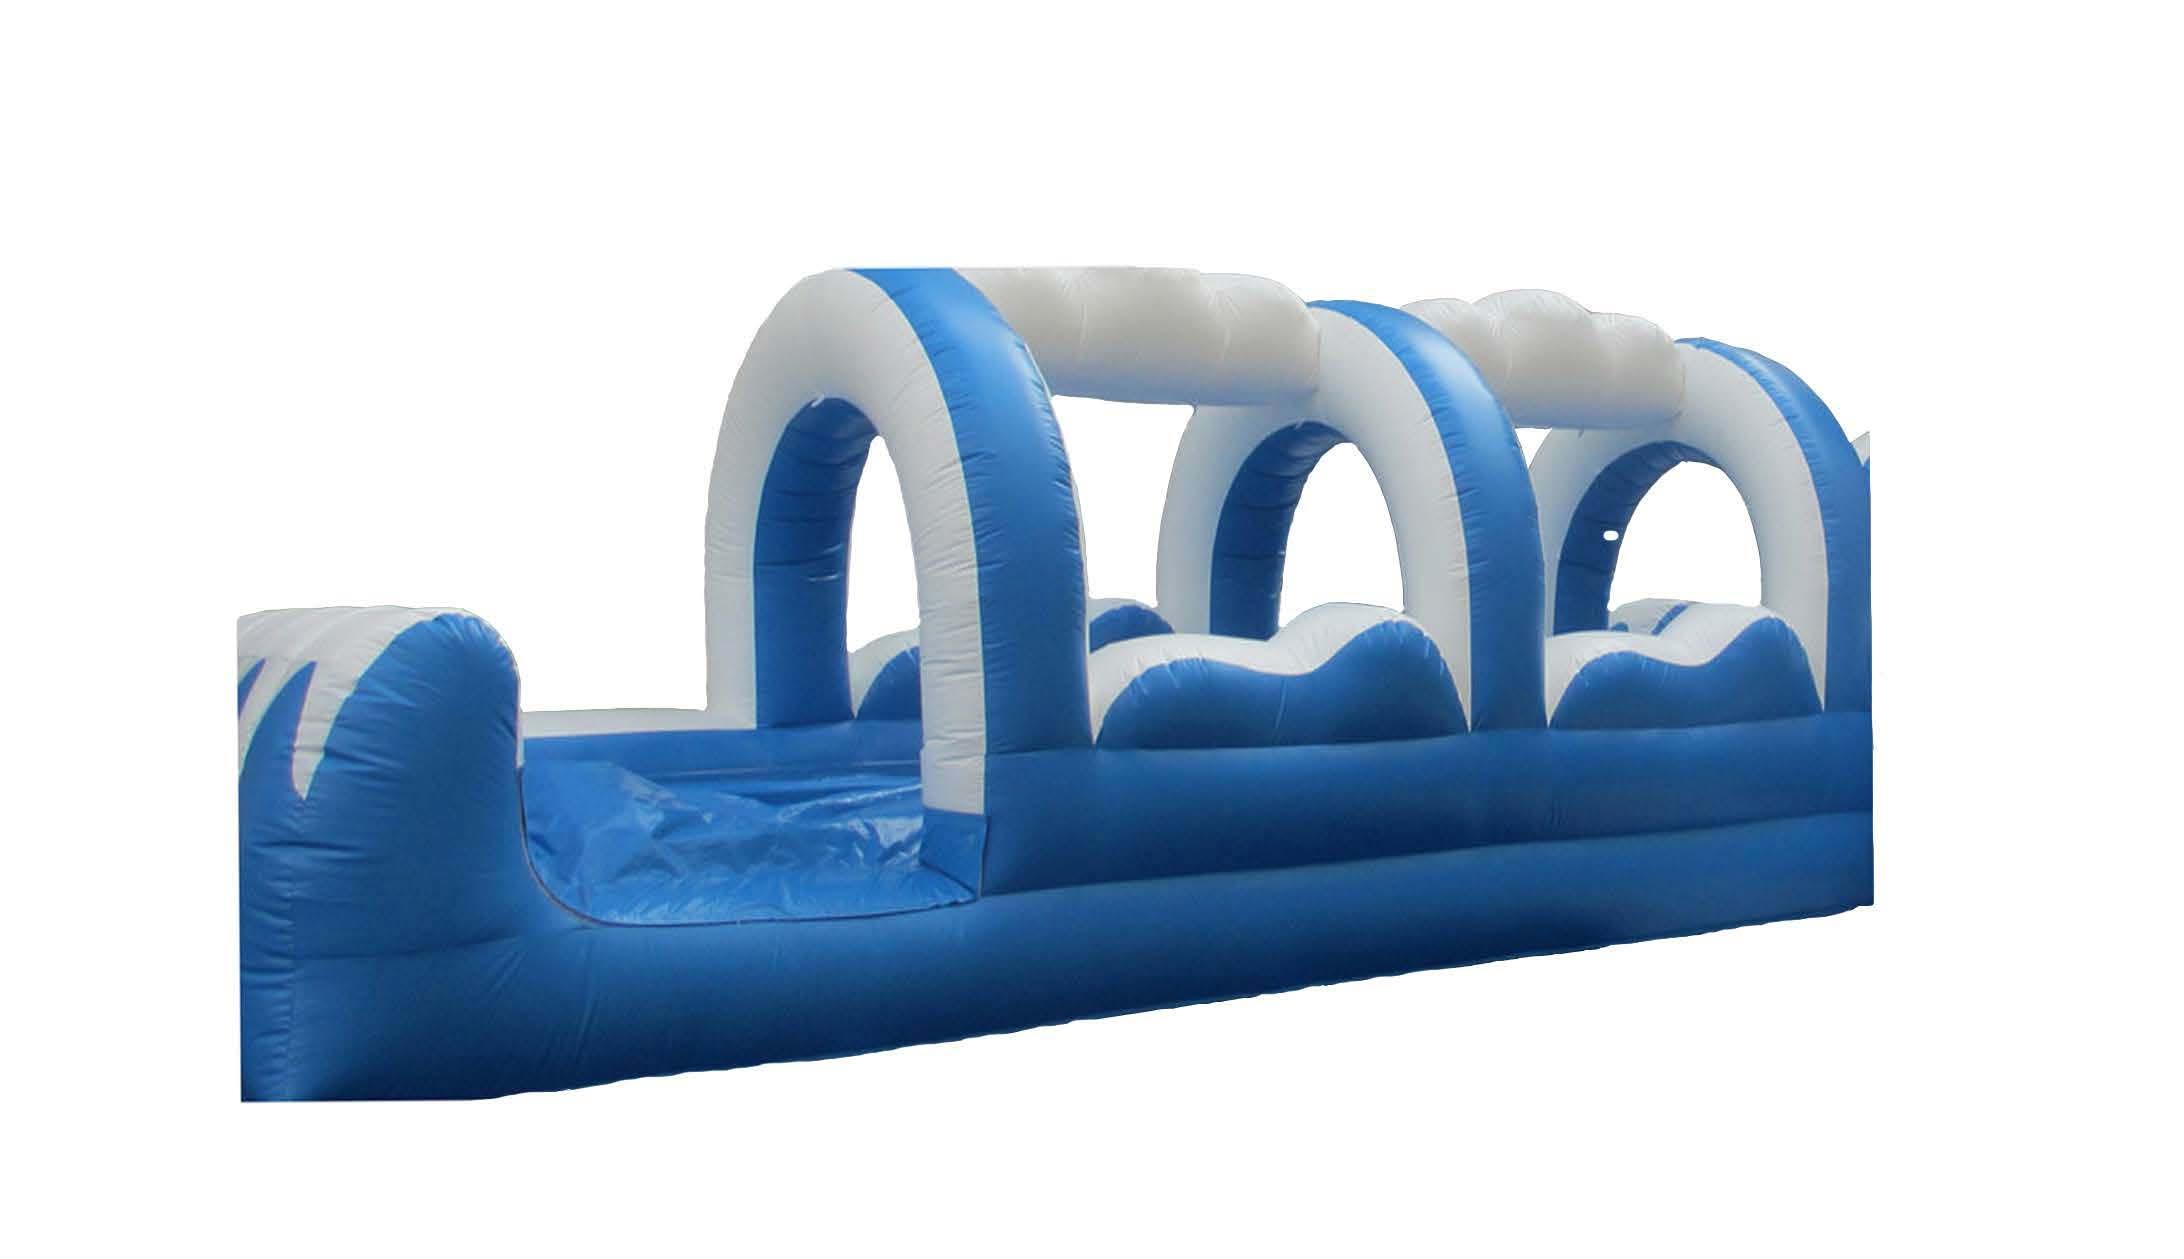 1-Blue Slip and slide